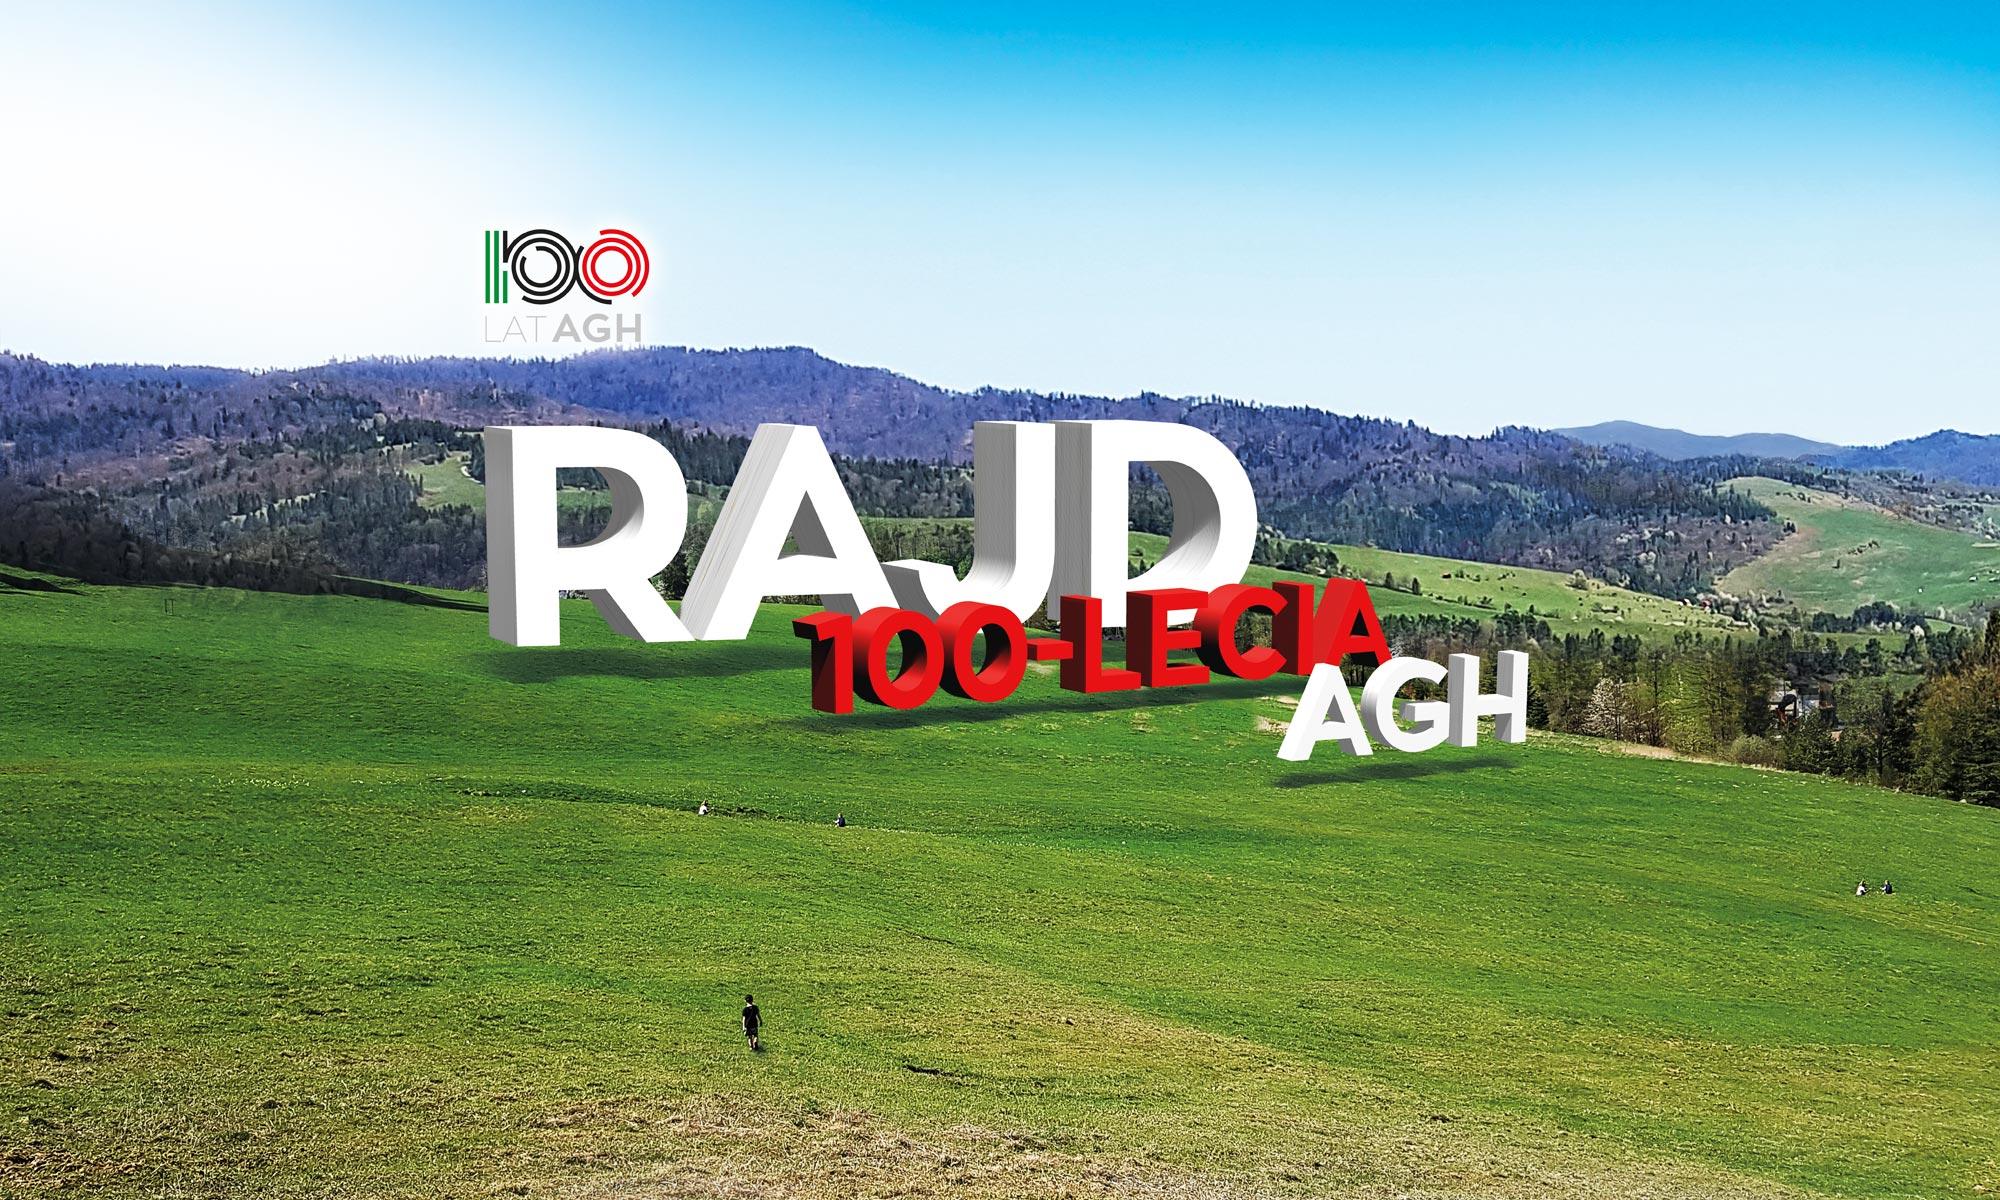 Gwiaździsty Rajd 100-lecia AGH